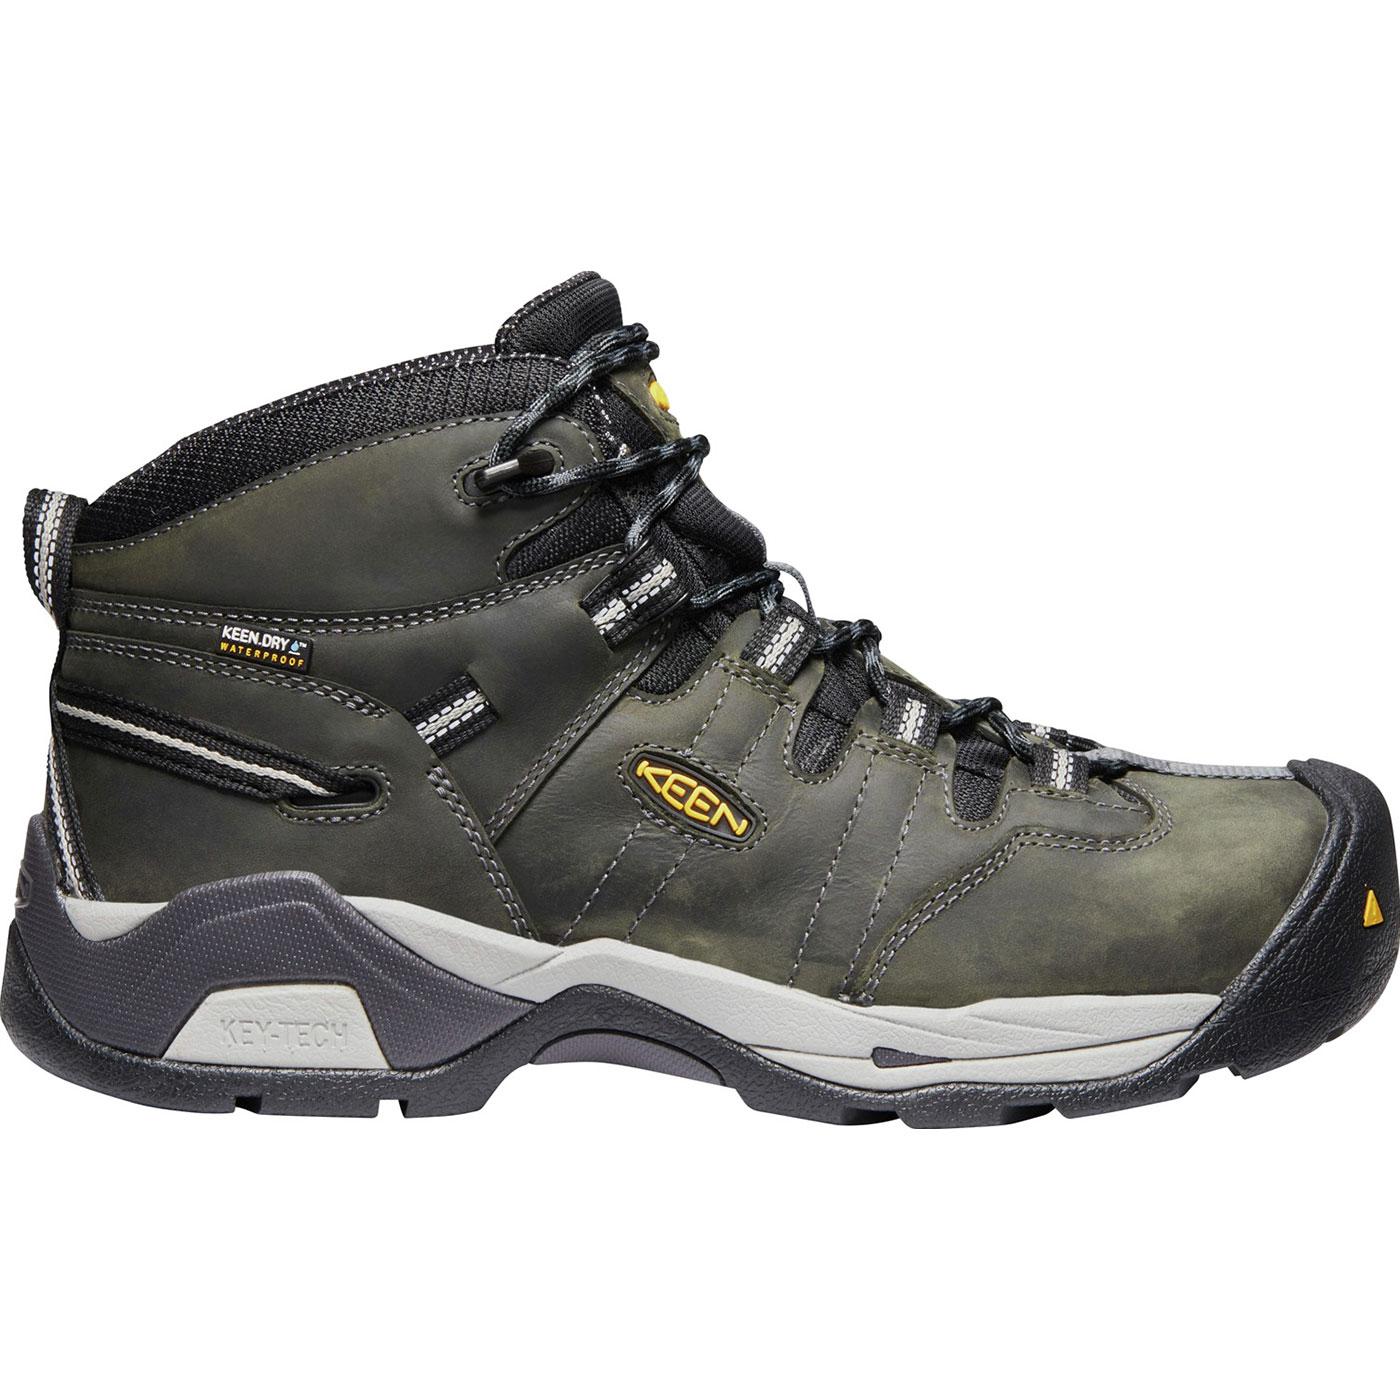 43fcf4f8e3b KEEN UTILITY® Detroit XT Men's Steel Toe Waterproof Electrical Hazard Work  Hiker